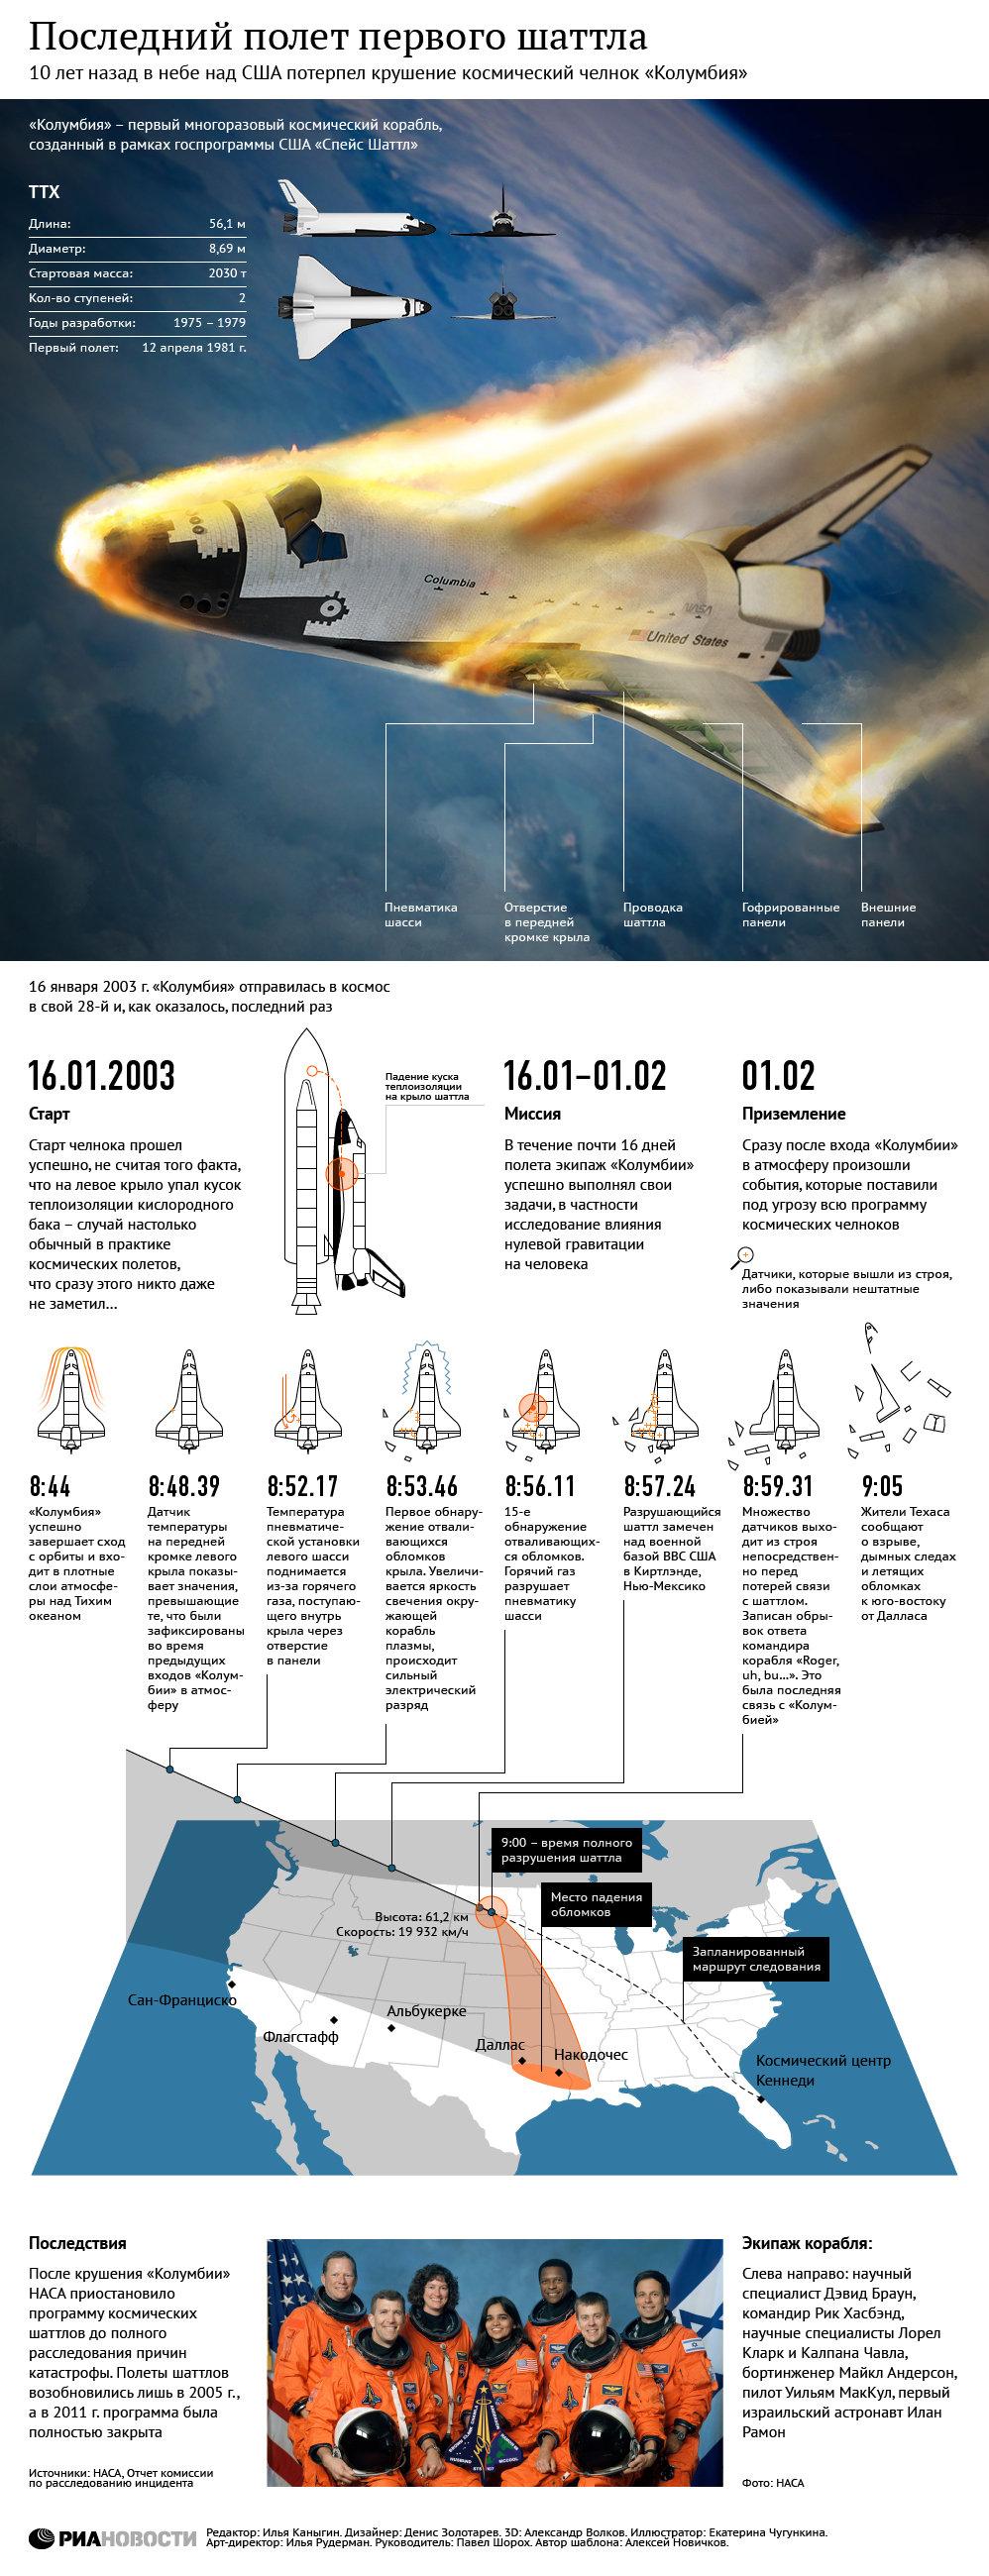 El último vuelo del primer transbordador espacial